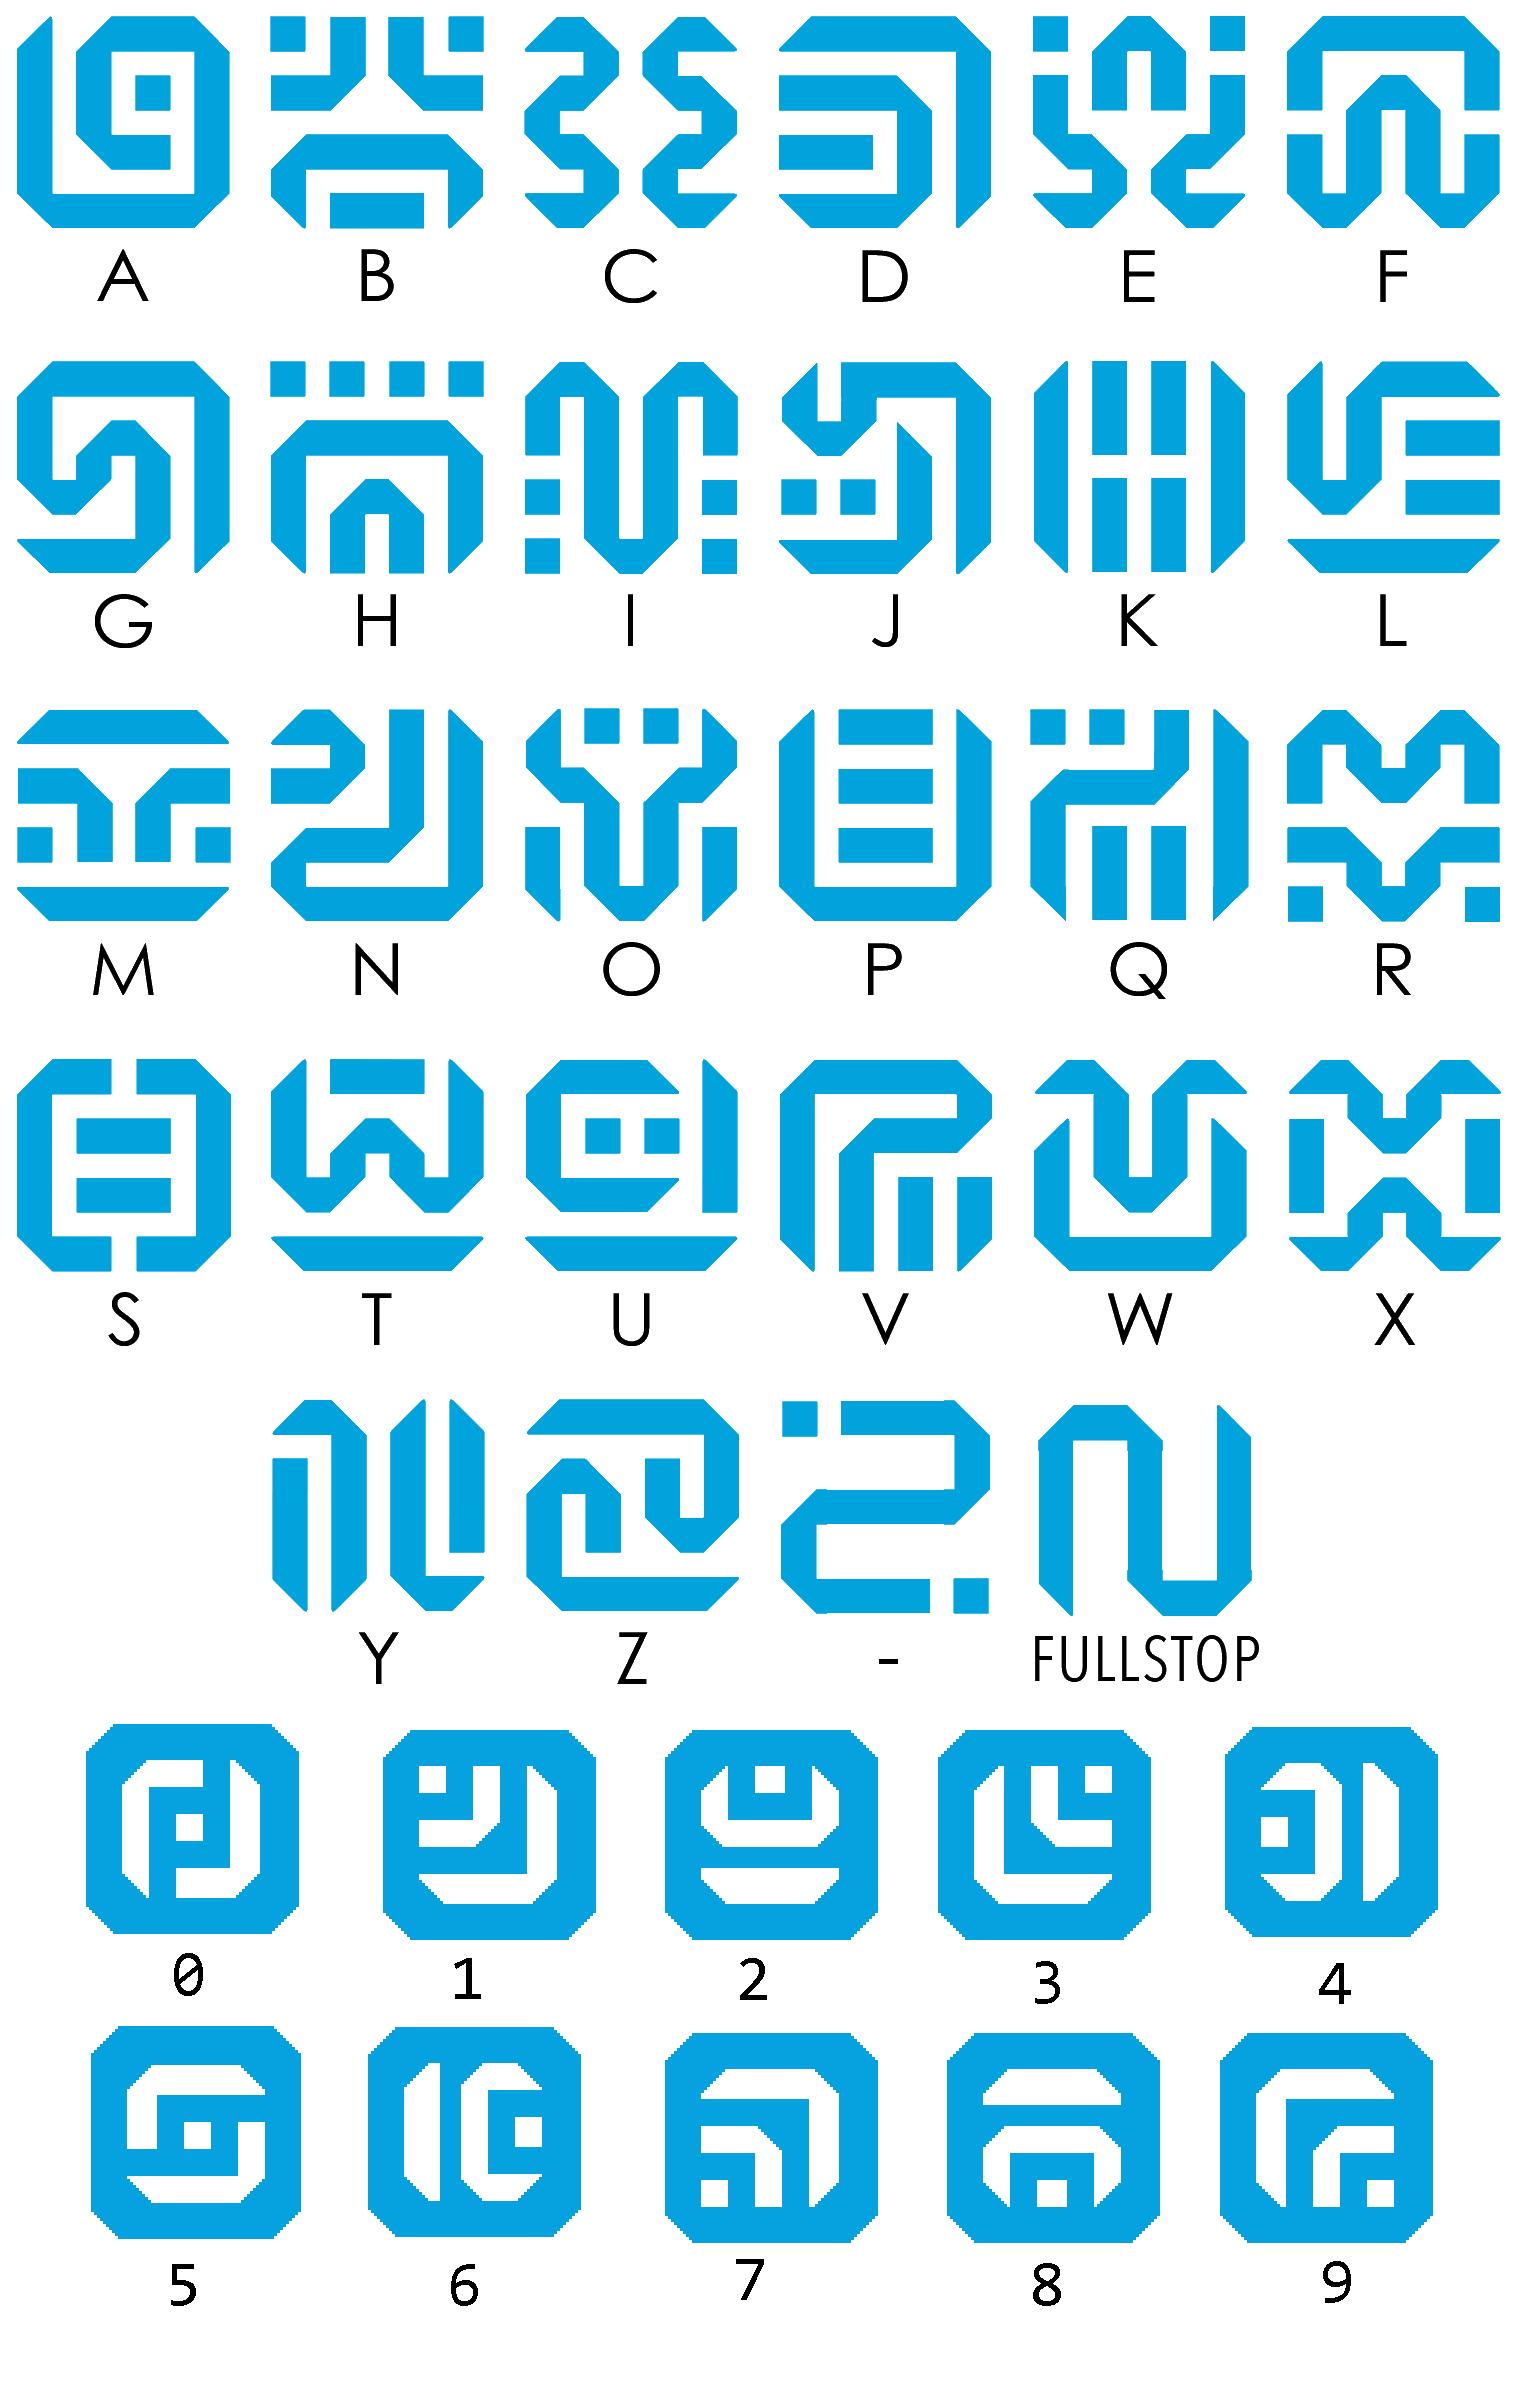 Botw Hylian Language Png 1516 2400 Alfabeto De Linguagem Gestual Ideias De Letras Fontes De Letras Diferentes [ 2400 x 1516 Pixel ]